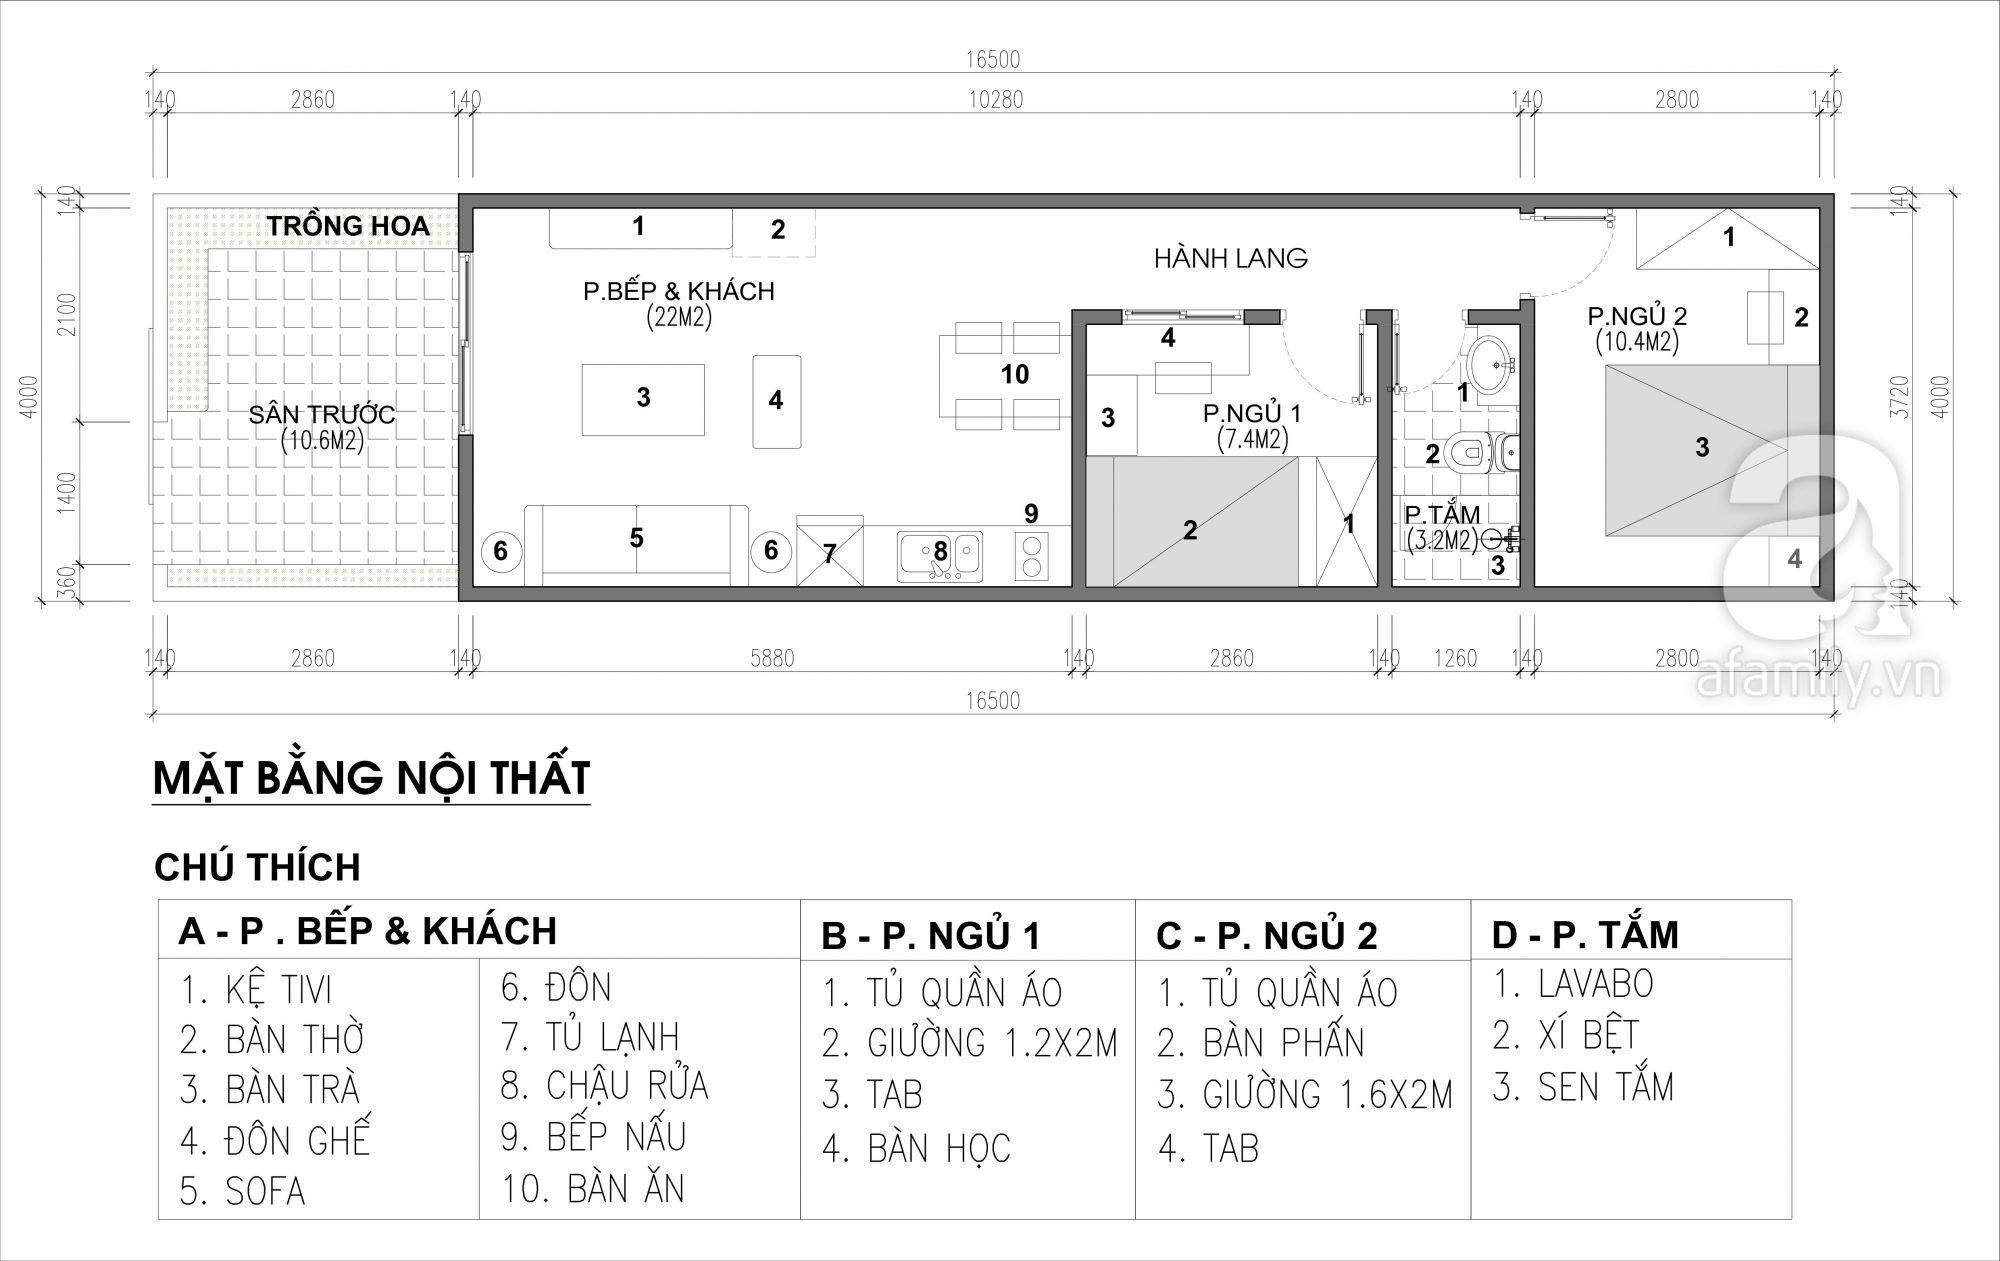 Tư vấn thiết kế nội thất nhà ở cấp 4 nhỏ xinh theo phong cách hiện đại tối giản và với chi phí tiết kiệm chỉ 50 triệu - Ảnh 2.